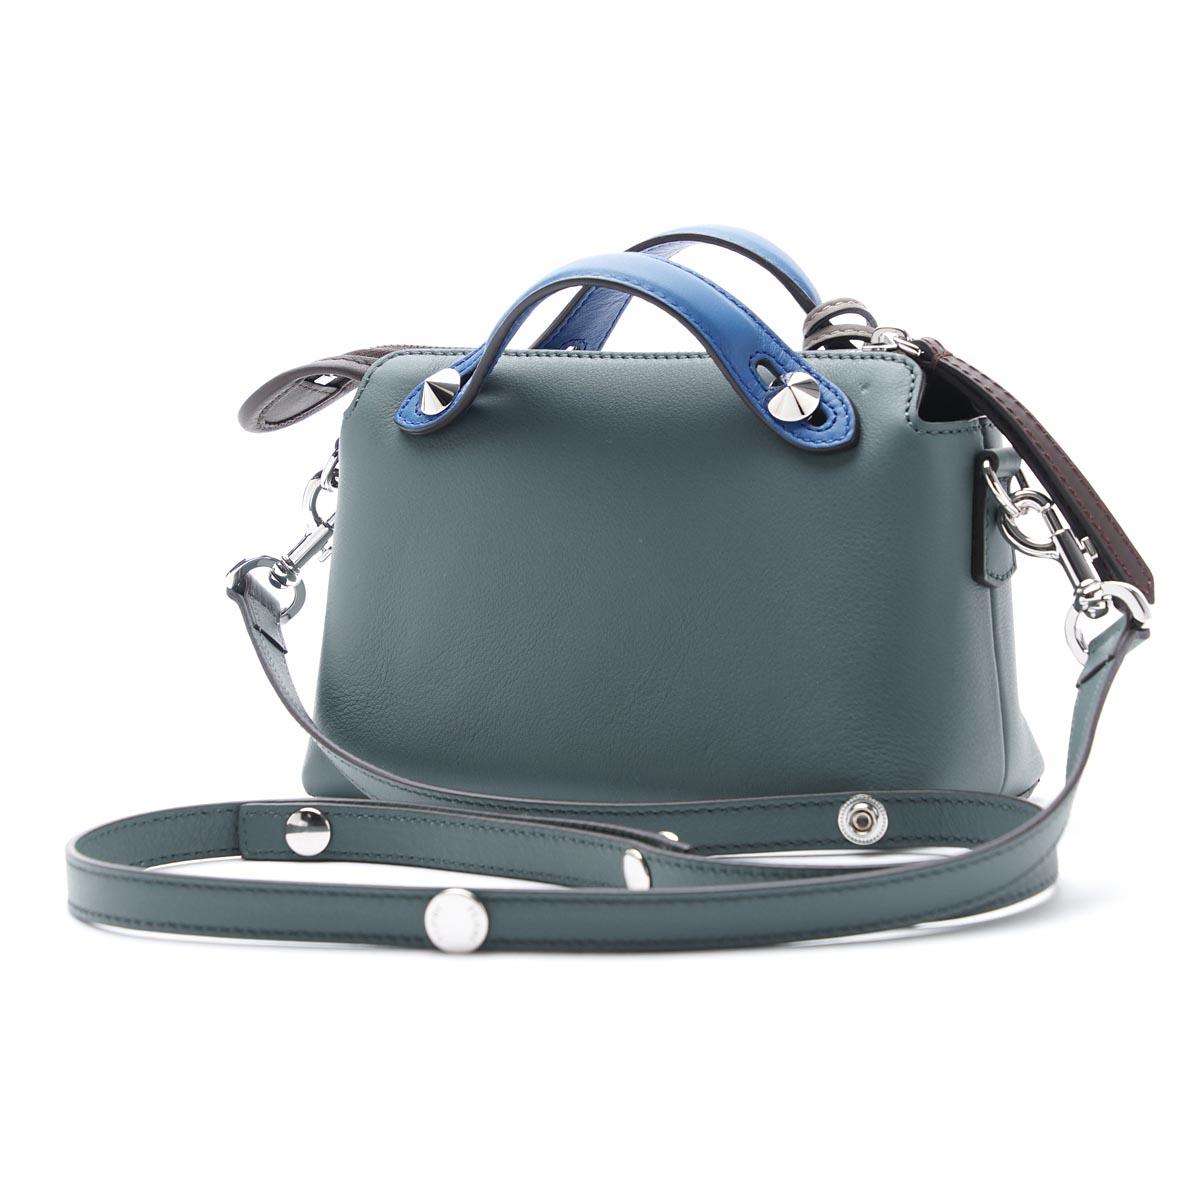 芬迪FENDI宽底旅行皮包(2WAY式样)BY THE WAY面罩方法LEATHER MALACHITE×DOVE×MULTICOLOR蓝色派8bl135 5qj f07ff女士